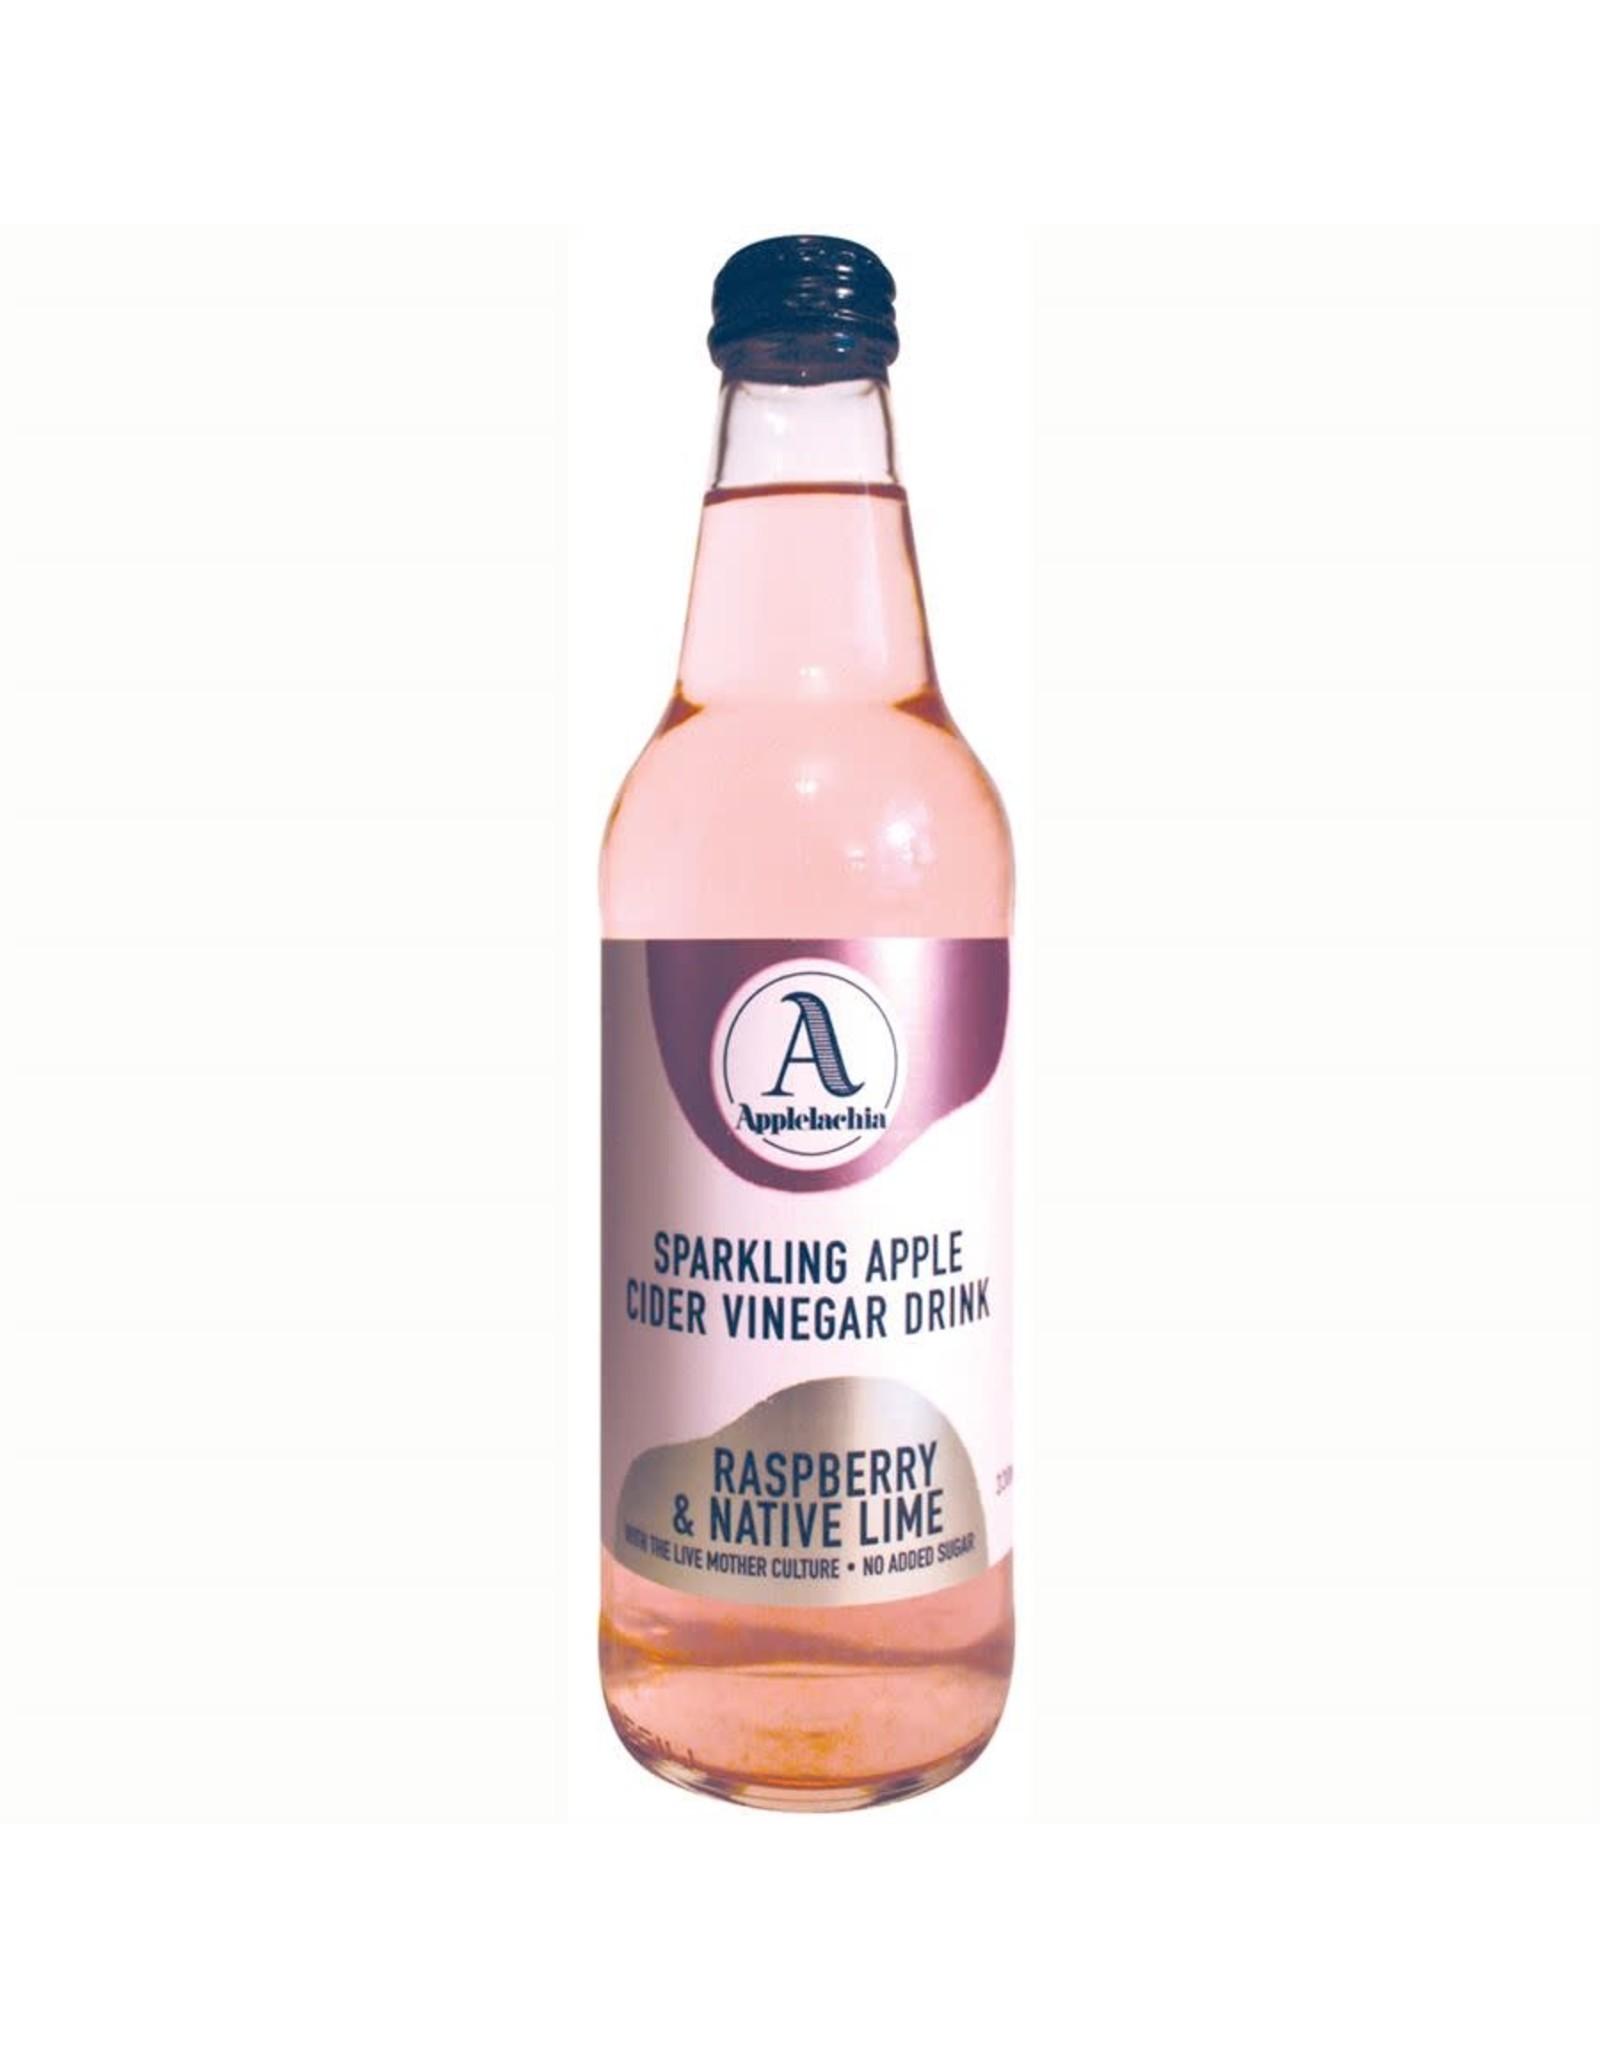 Applelachia Sparkling Apple Cider Vinegar - Raspberry & Native Lime - 300ml